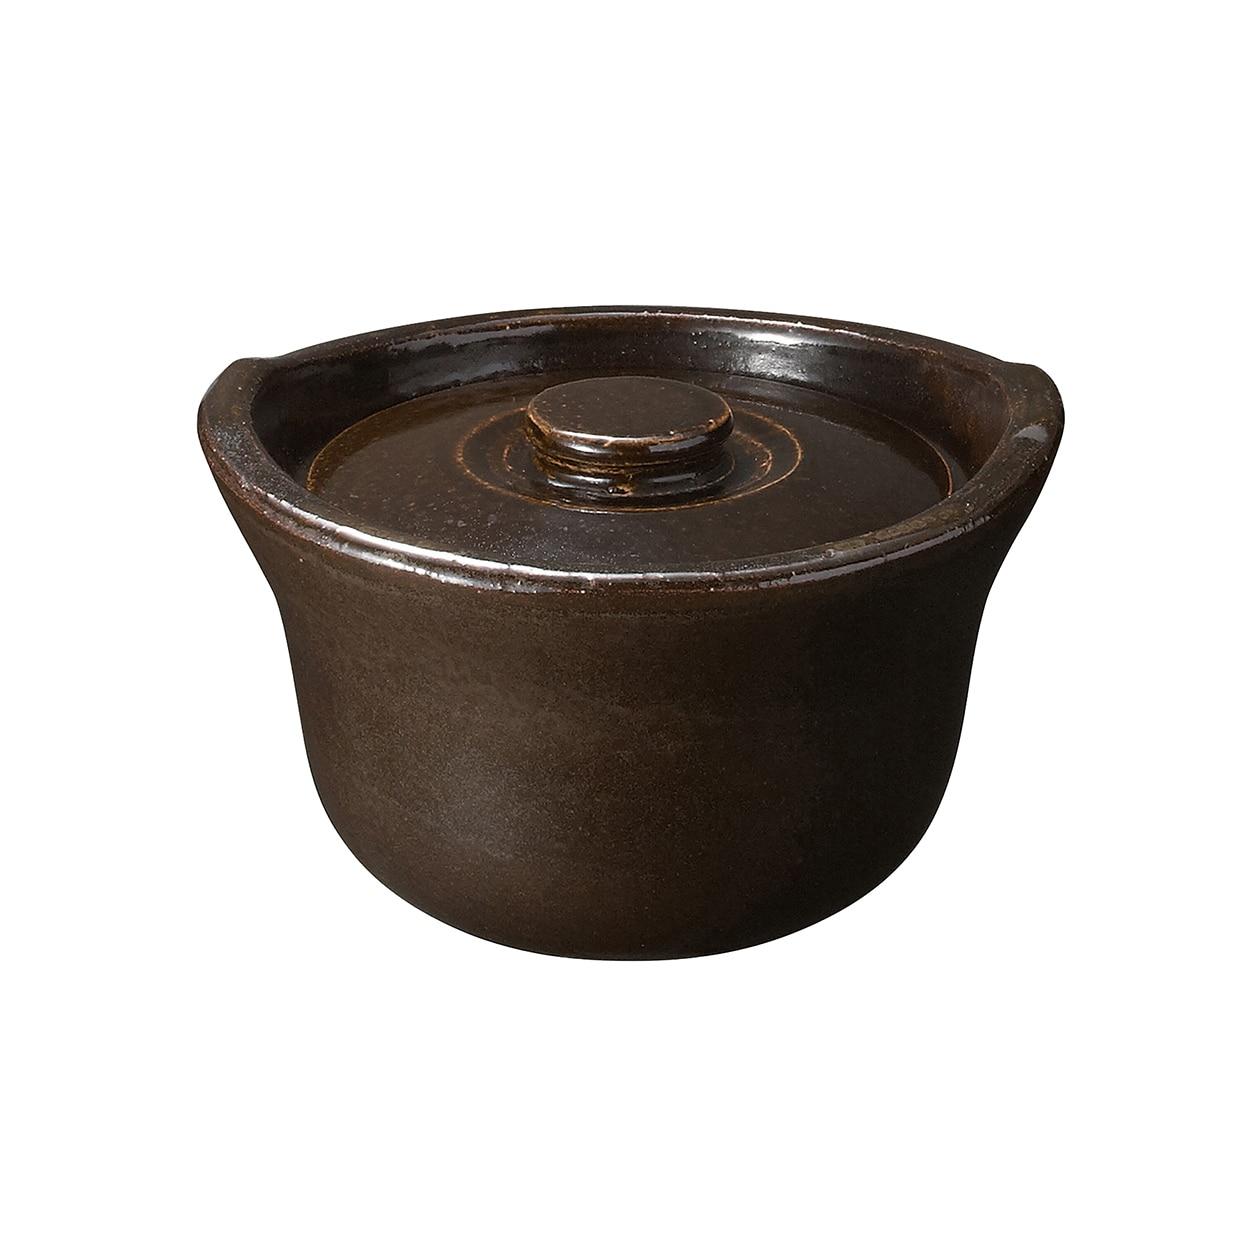 土釜おこげ 1.5合炊き